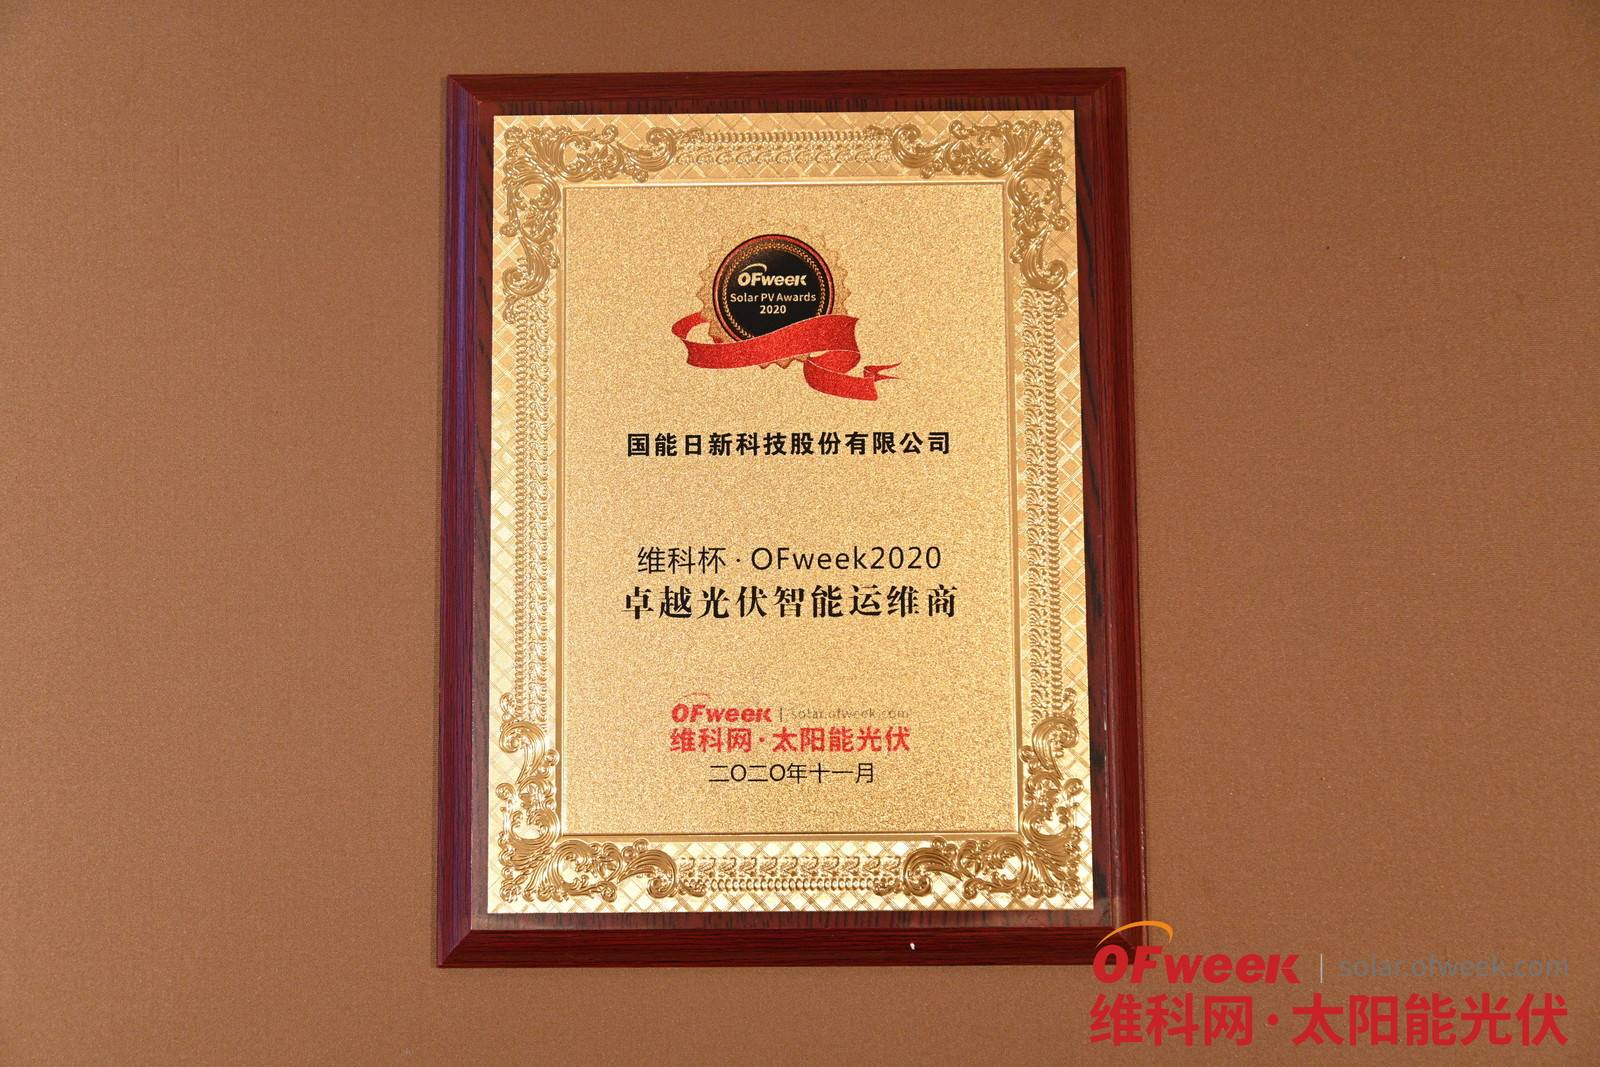 国能日新科技股份有限公司荣获维科杯·OFweek2020卓越光伏智能运维商